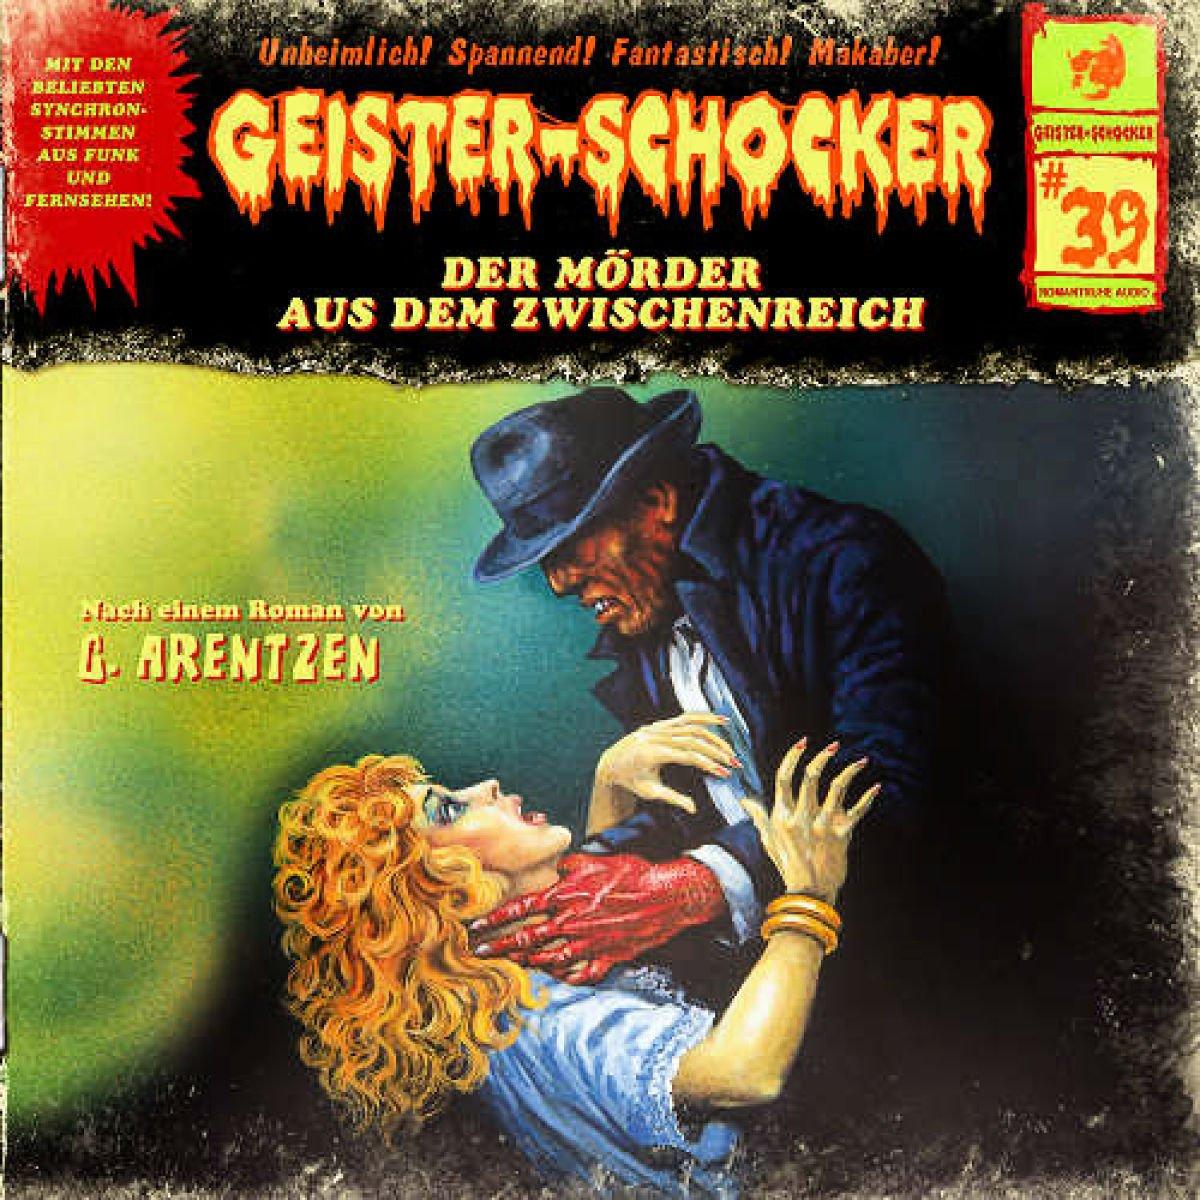 Geister-Schocker (39) Der Mörder aus dem Zwischenreich (Romantruhe Audio)